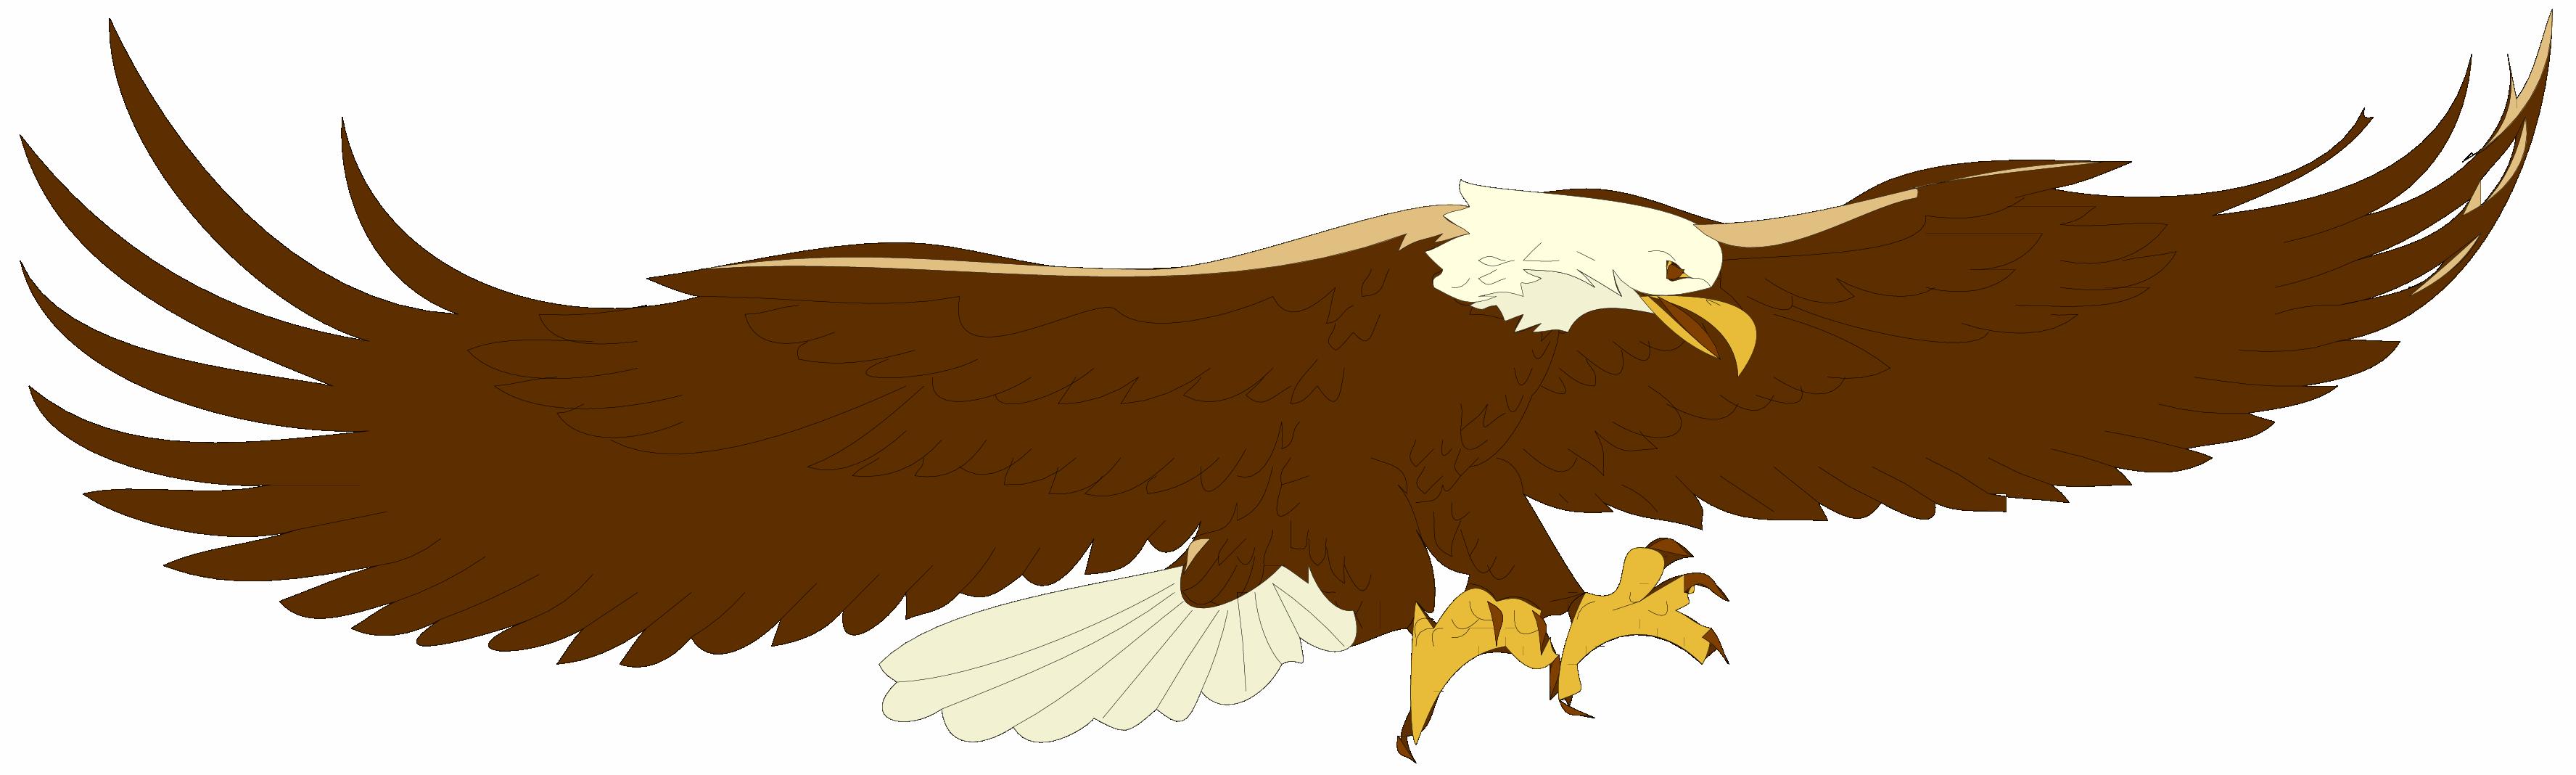 Free Eagle Clipart Image.